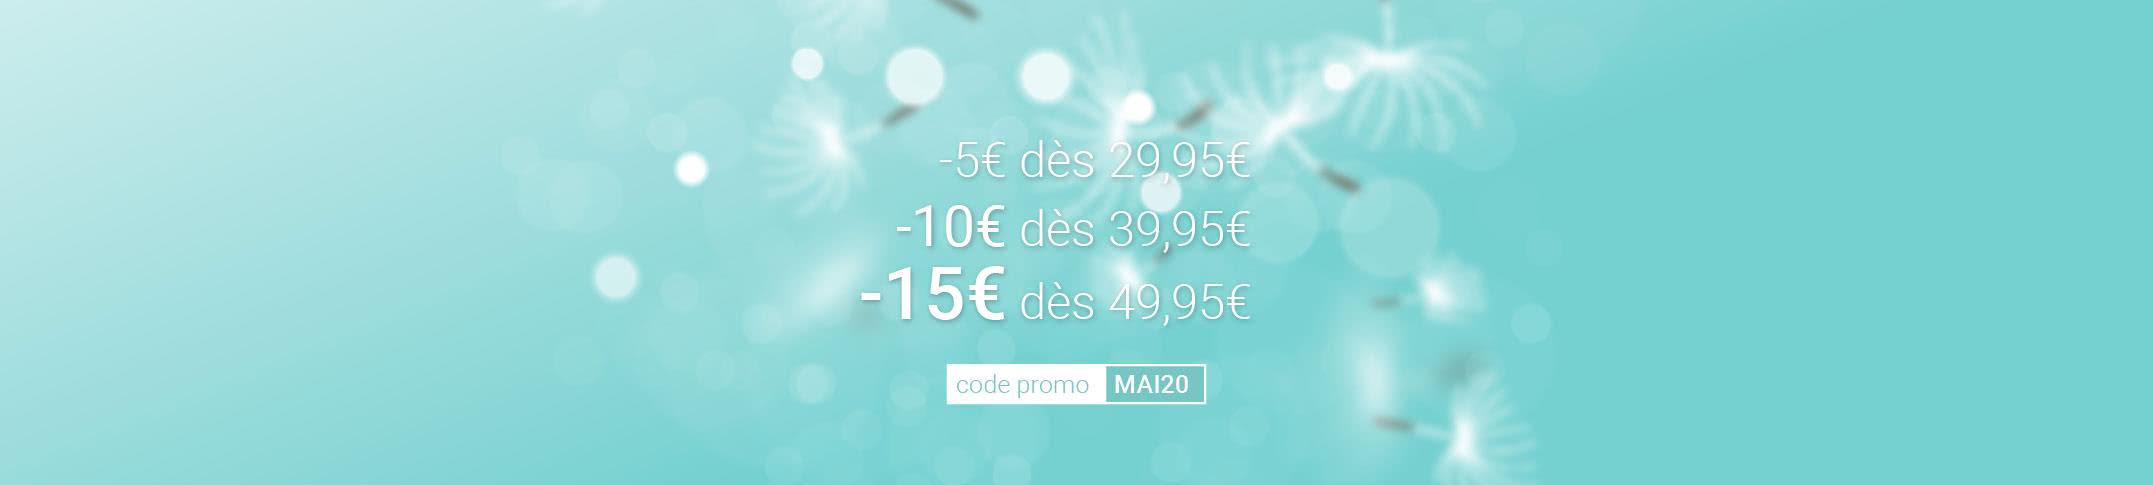 Offre du mois de mai 2020 smartphoto france